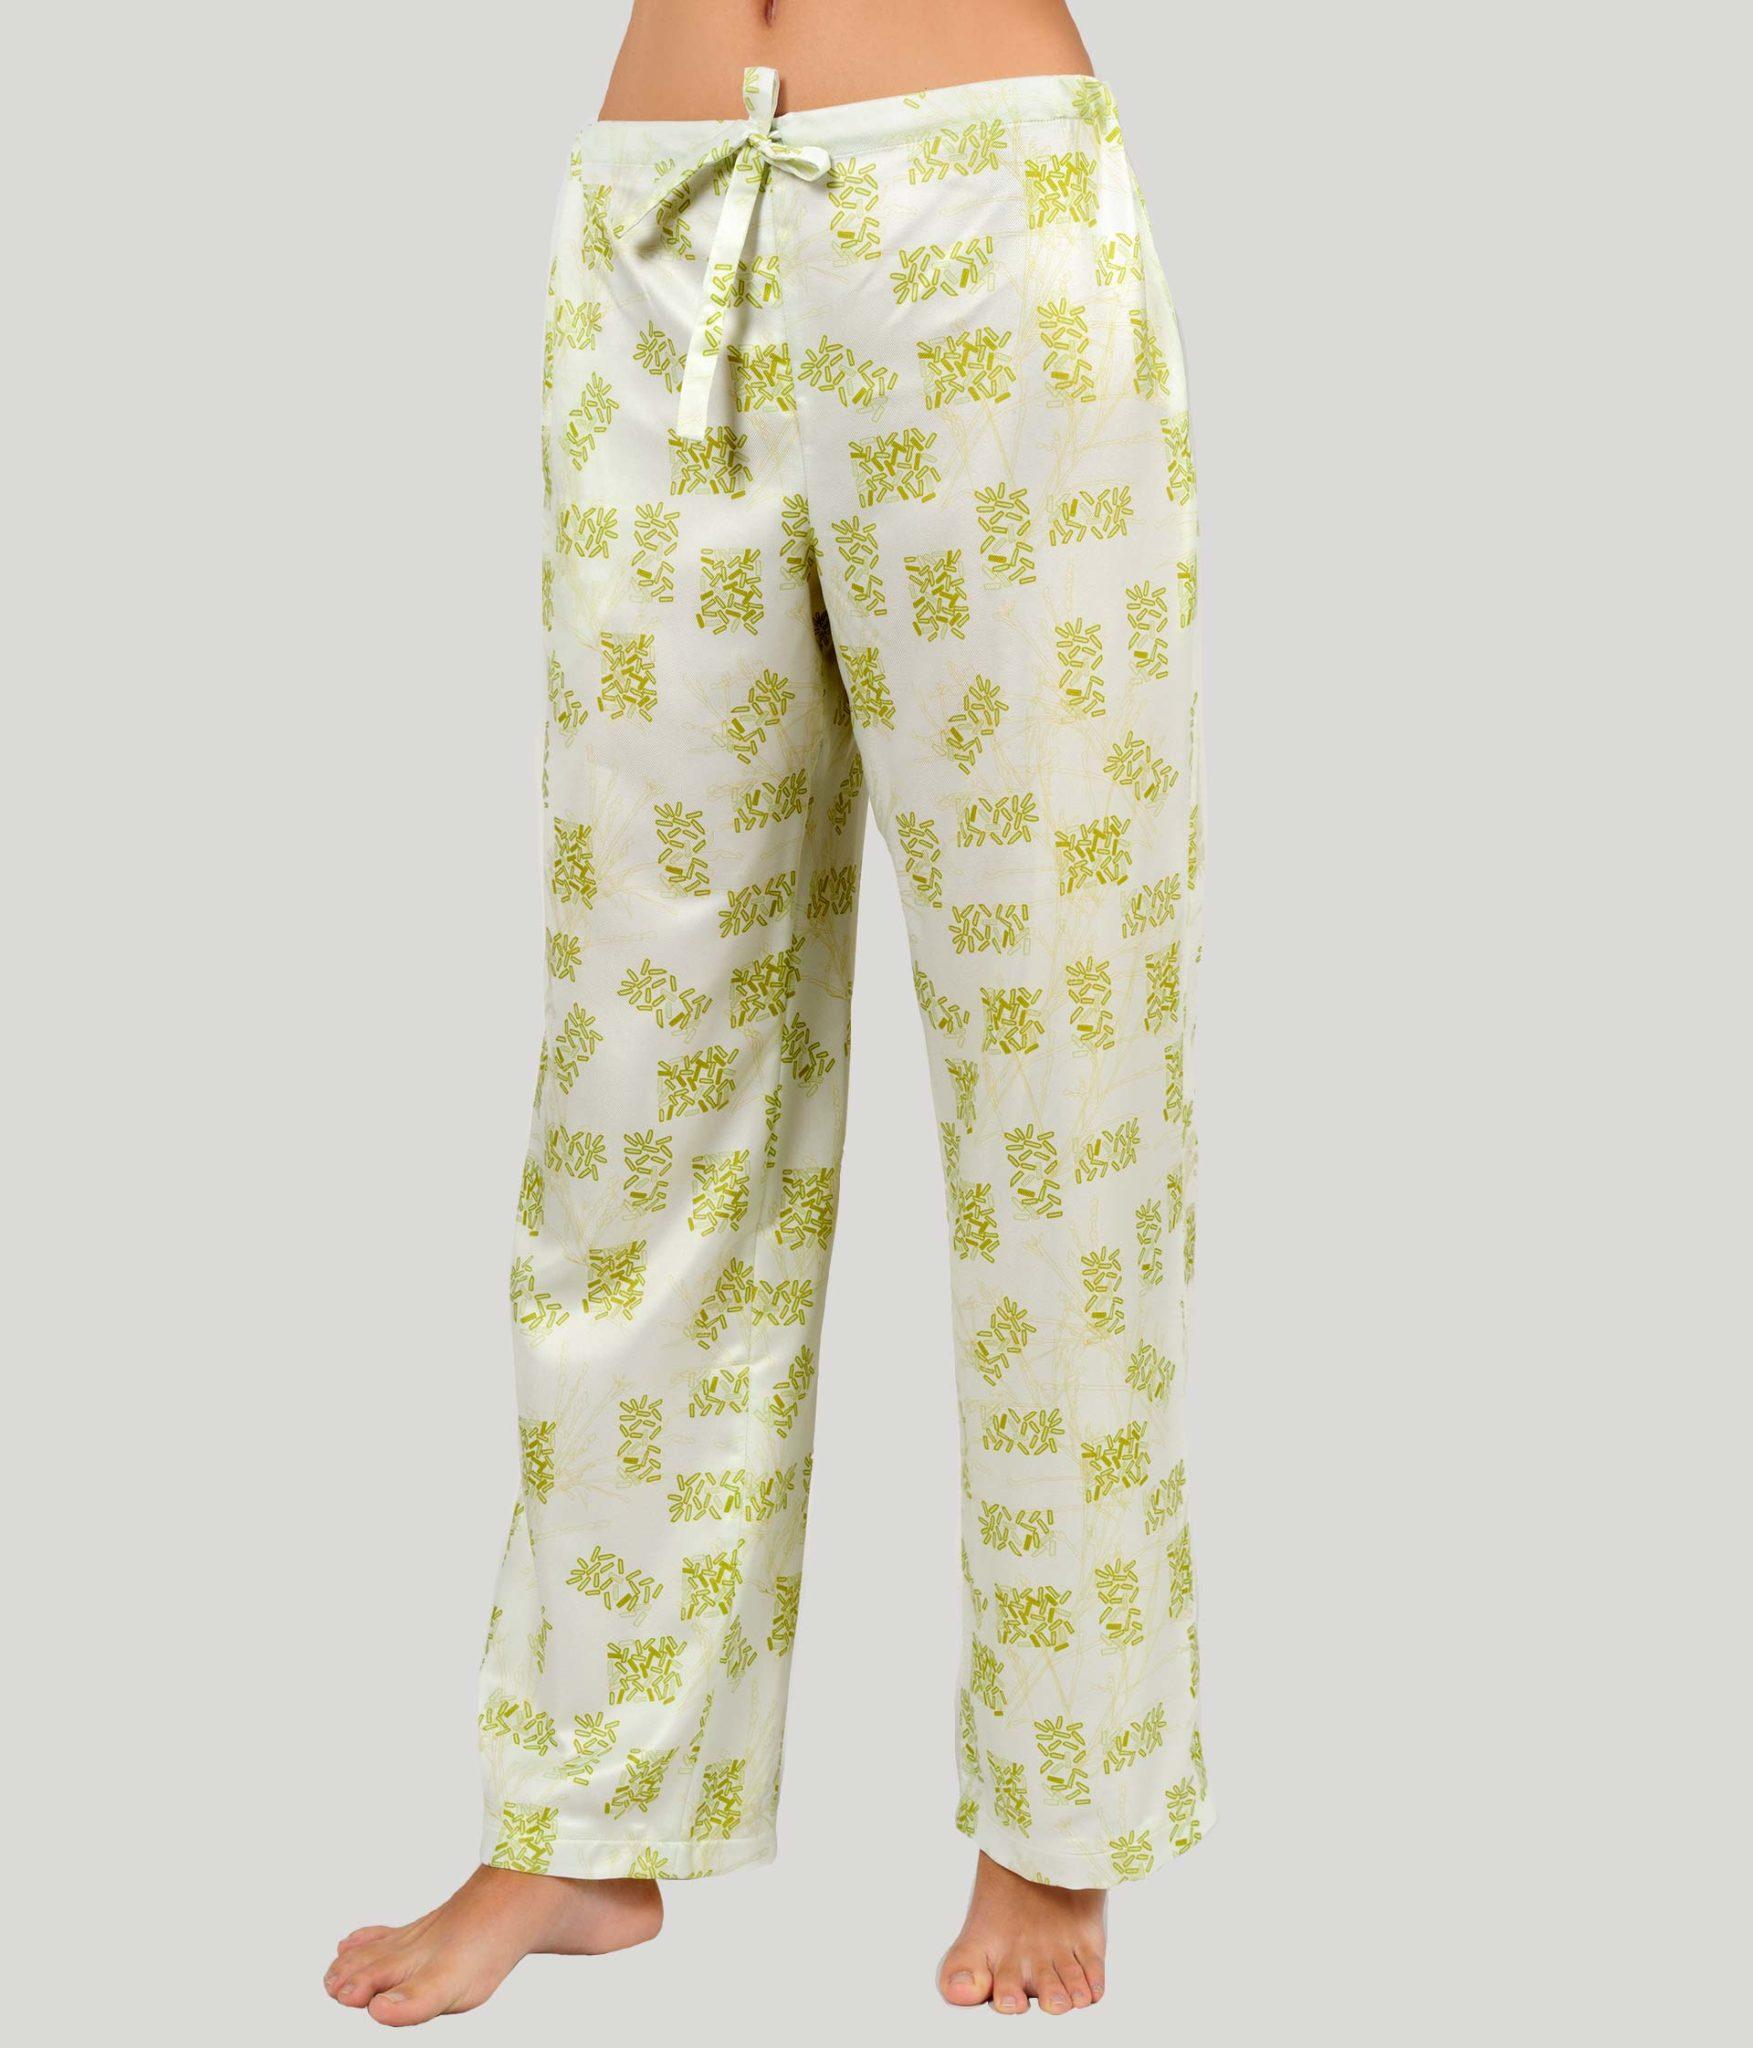 Pantalon pyjama Tulle